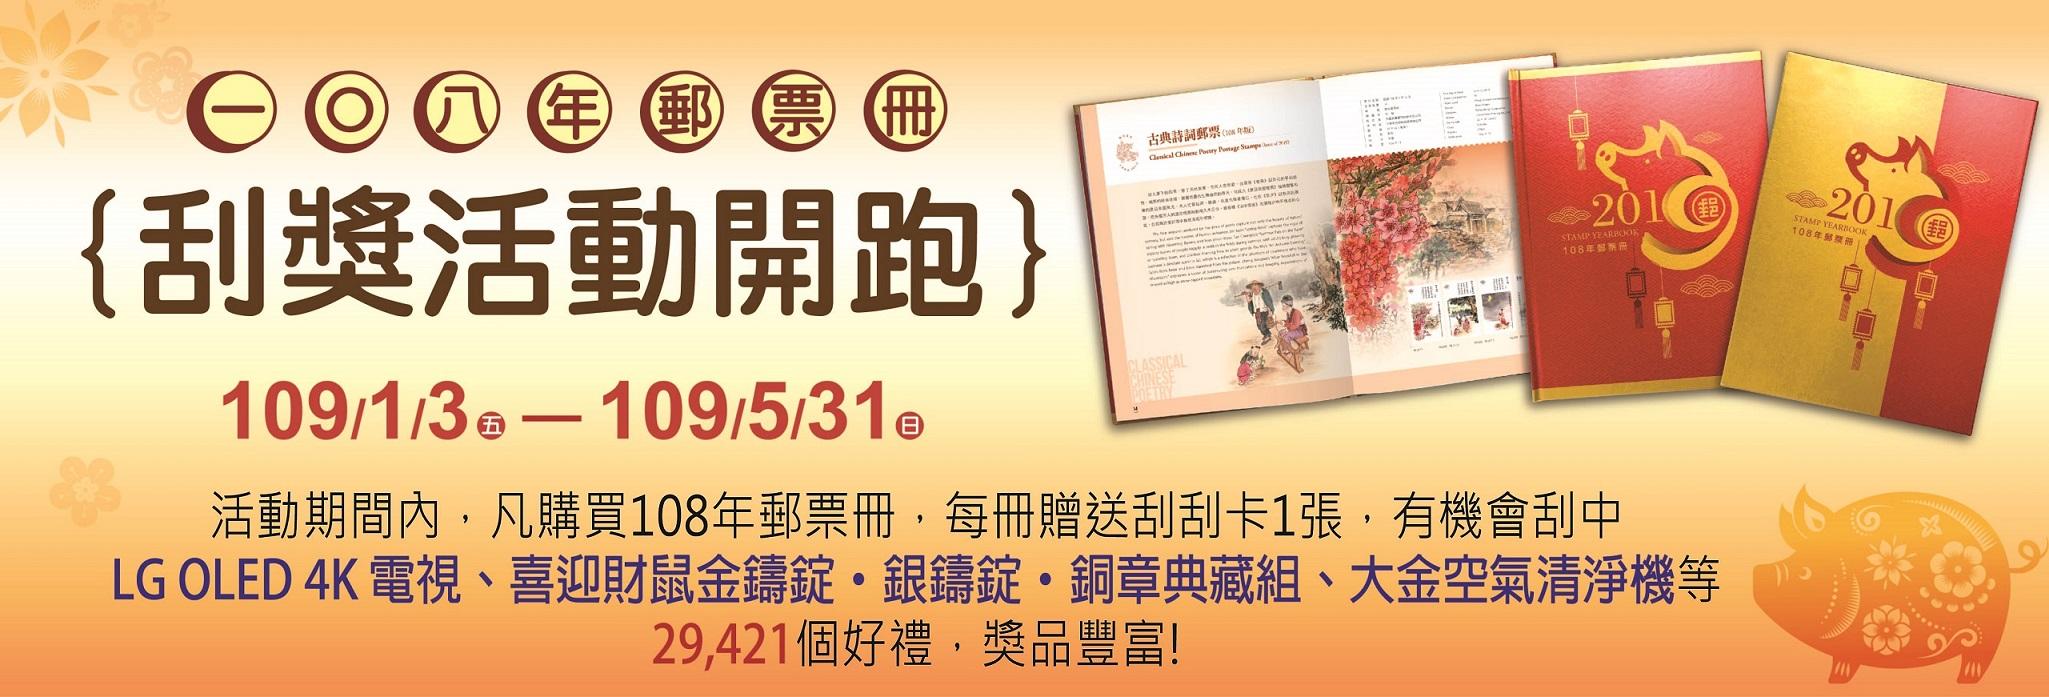 廣告連結:108年郵票冊刮獎活動